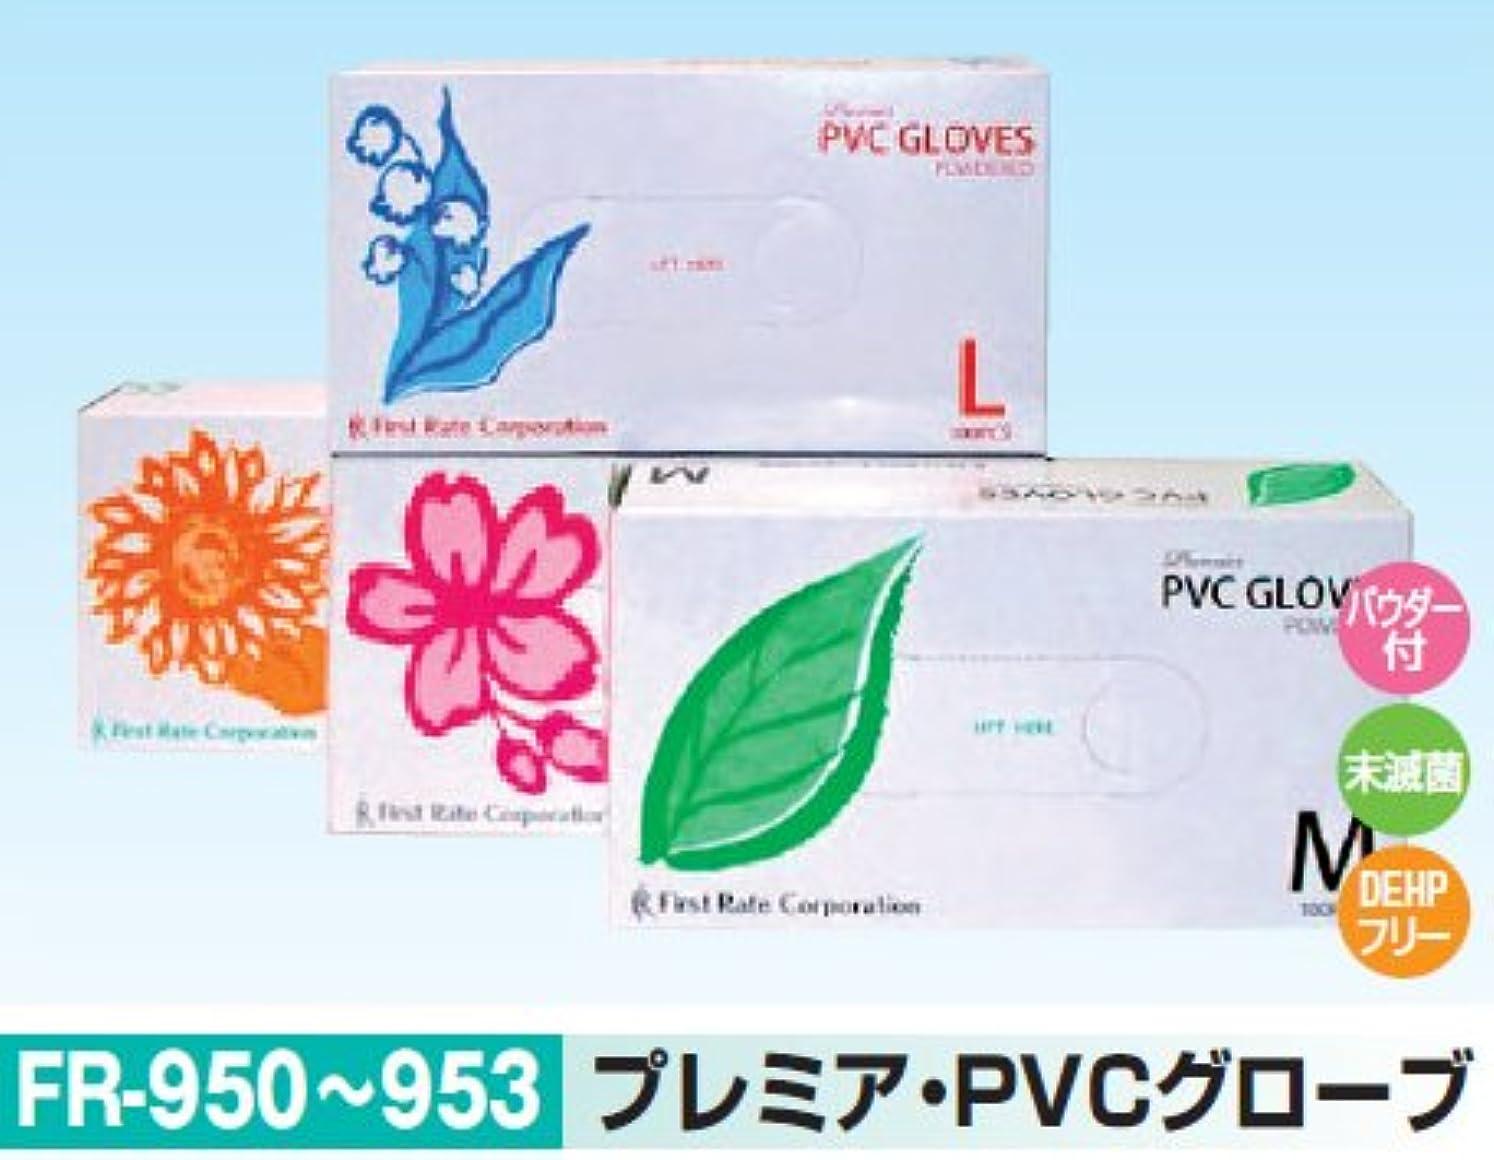 潮コンプリートラベプレミア?PVCグローブ Sサイズ 100枚 FR-951 使い捨て手袋、パウダー付き高伸縮性プラスチックグローブ